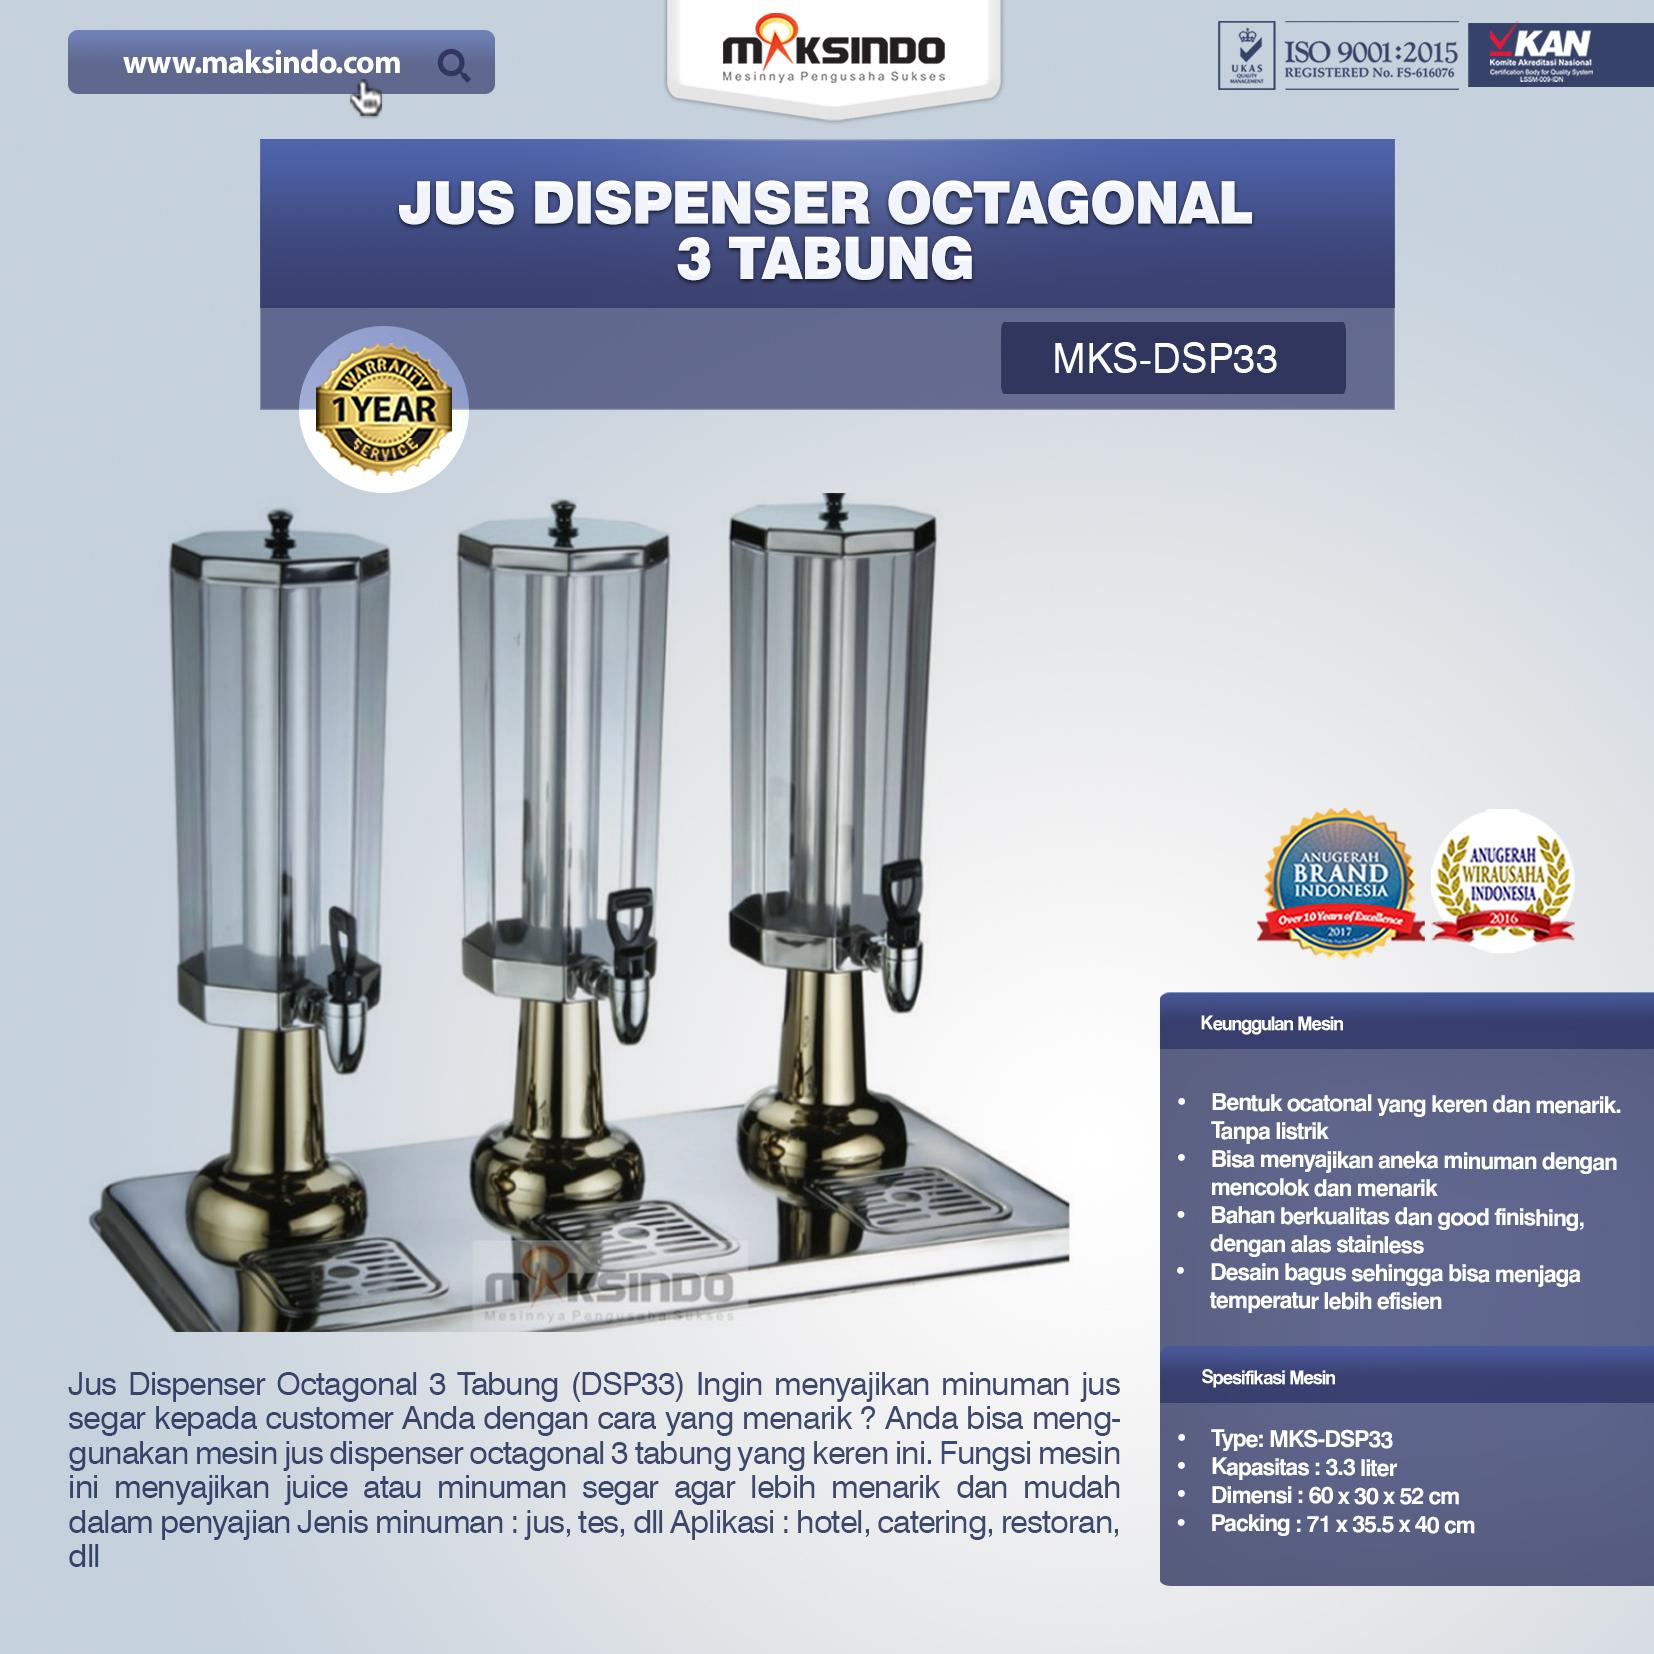 Jual Jus Dispenser Octagonal 3 Tabung (DSP33) di Bogor